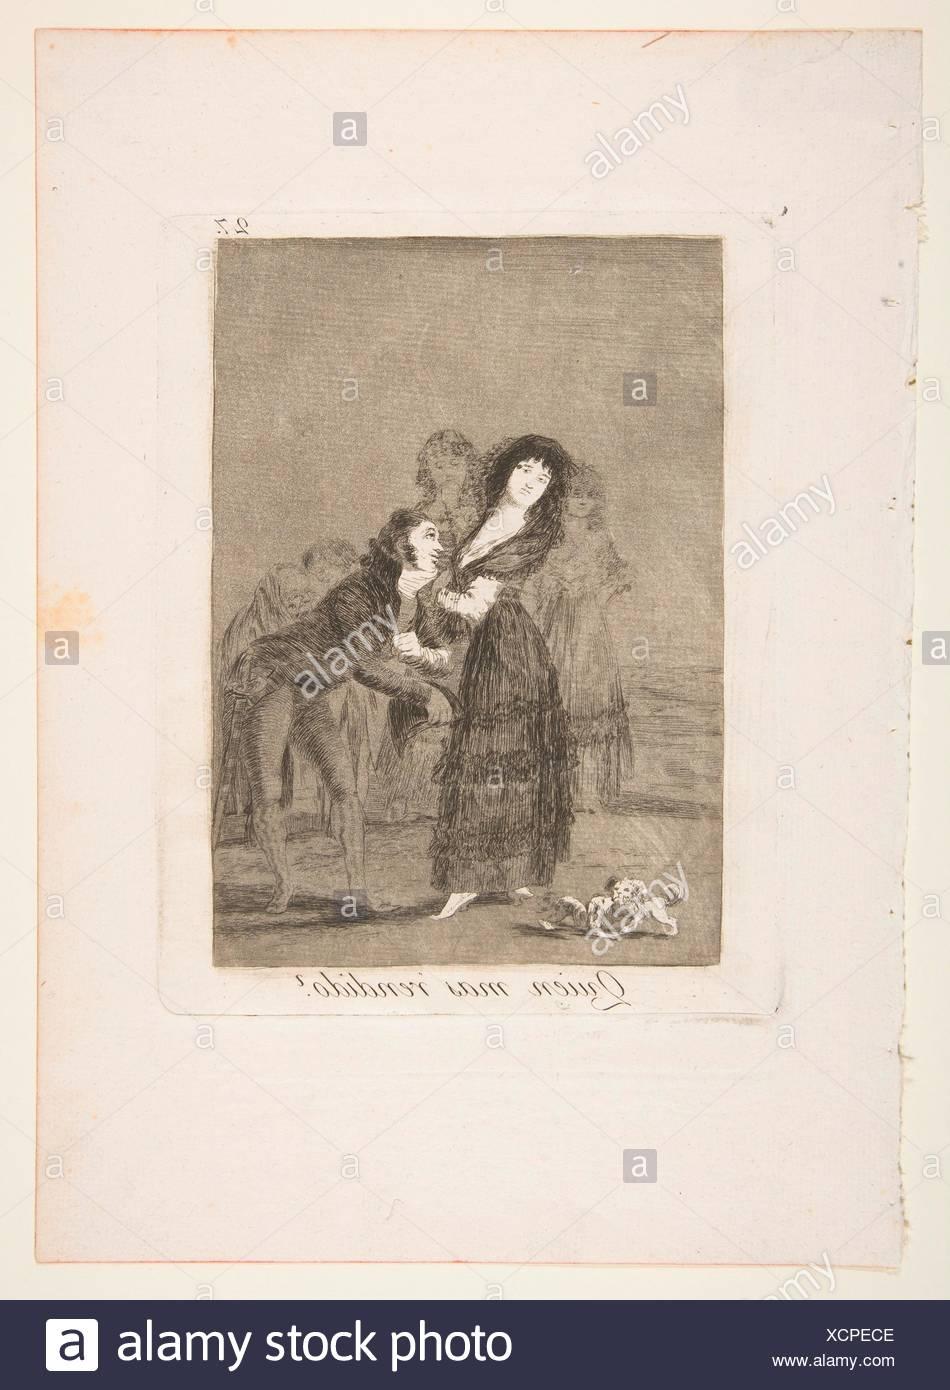 La piastra 27 da 'Los Caprichos':quale di essi è il più superare? (Quien mas rendido?). Serie/Portfolio: Los Caprichos; Artista: Goya (Francisco de Immagini Stock